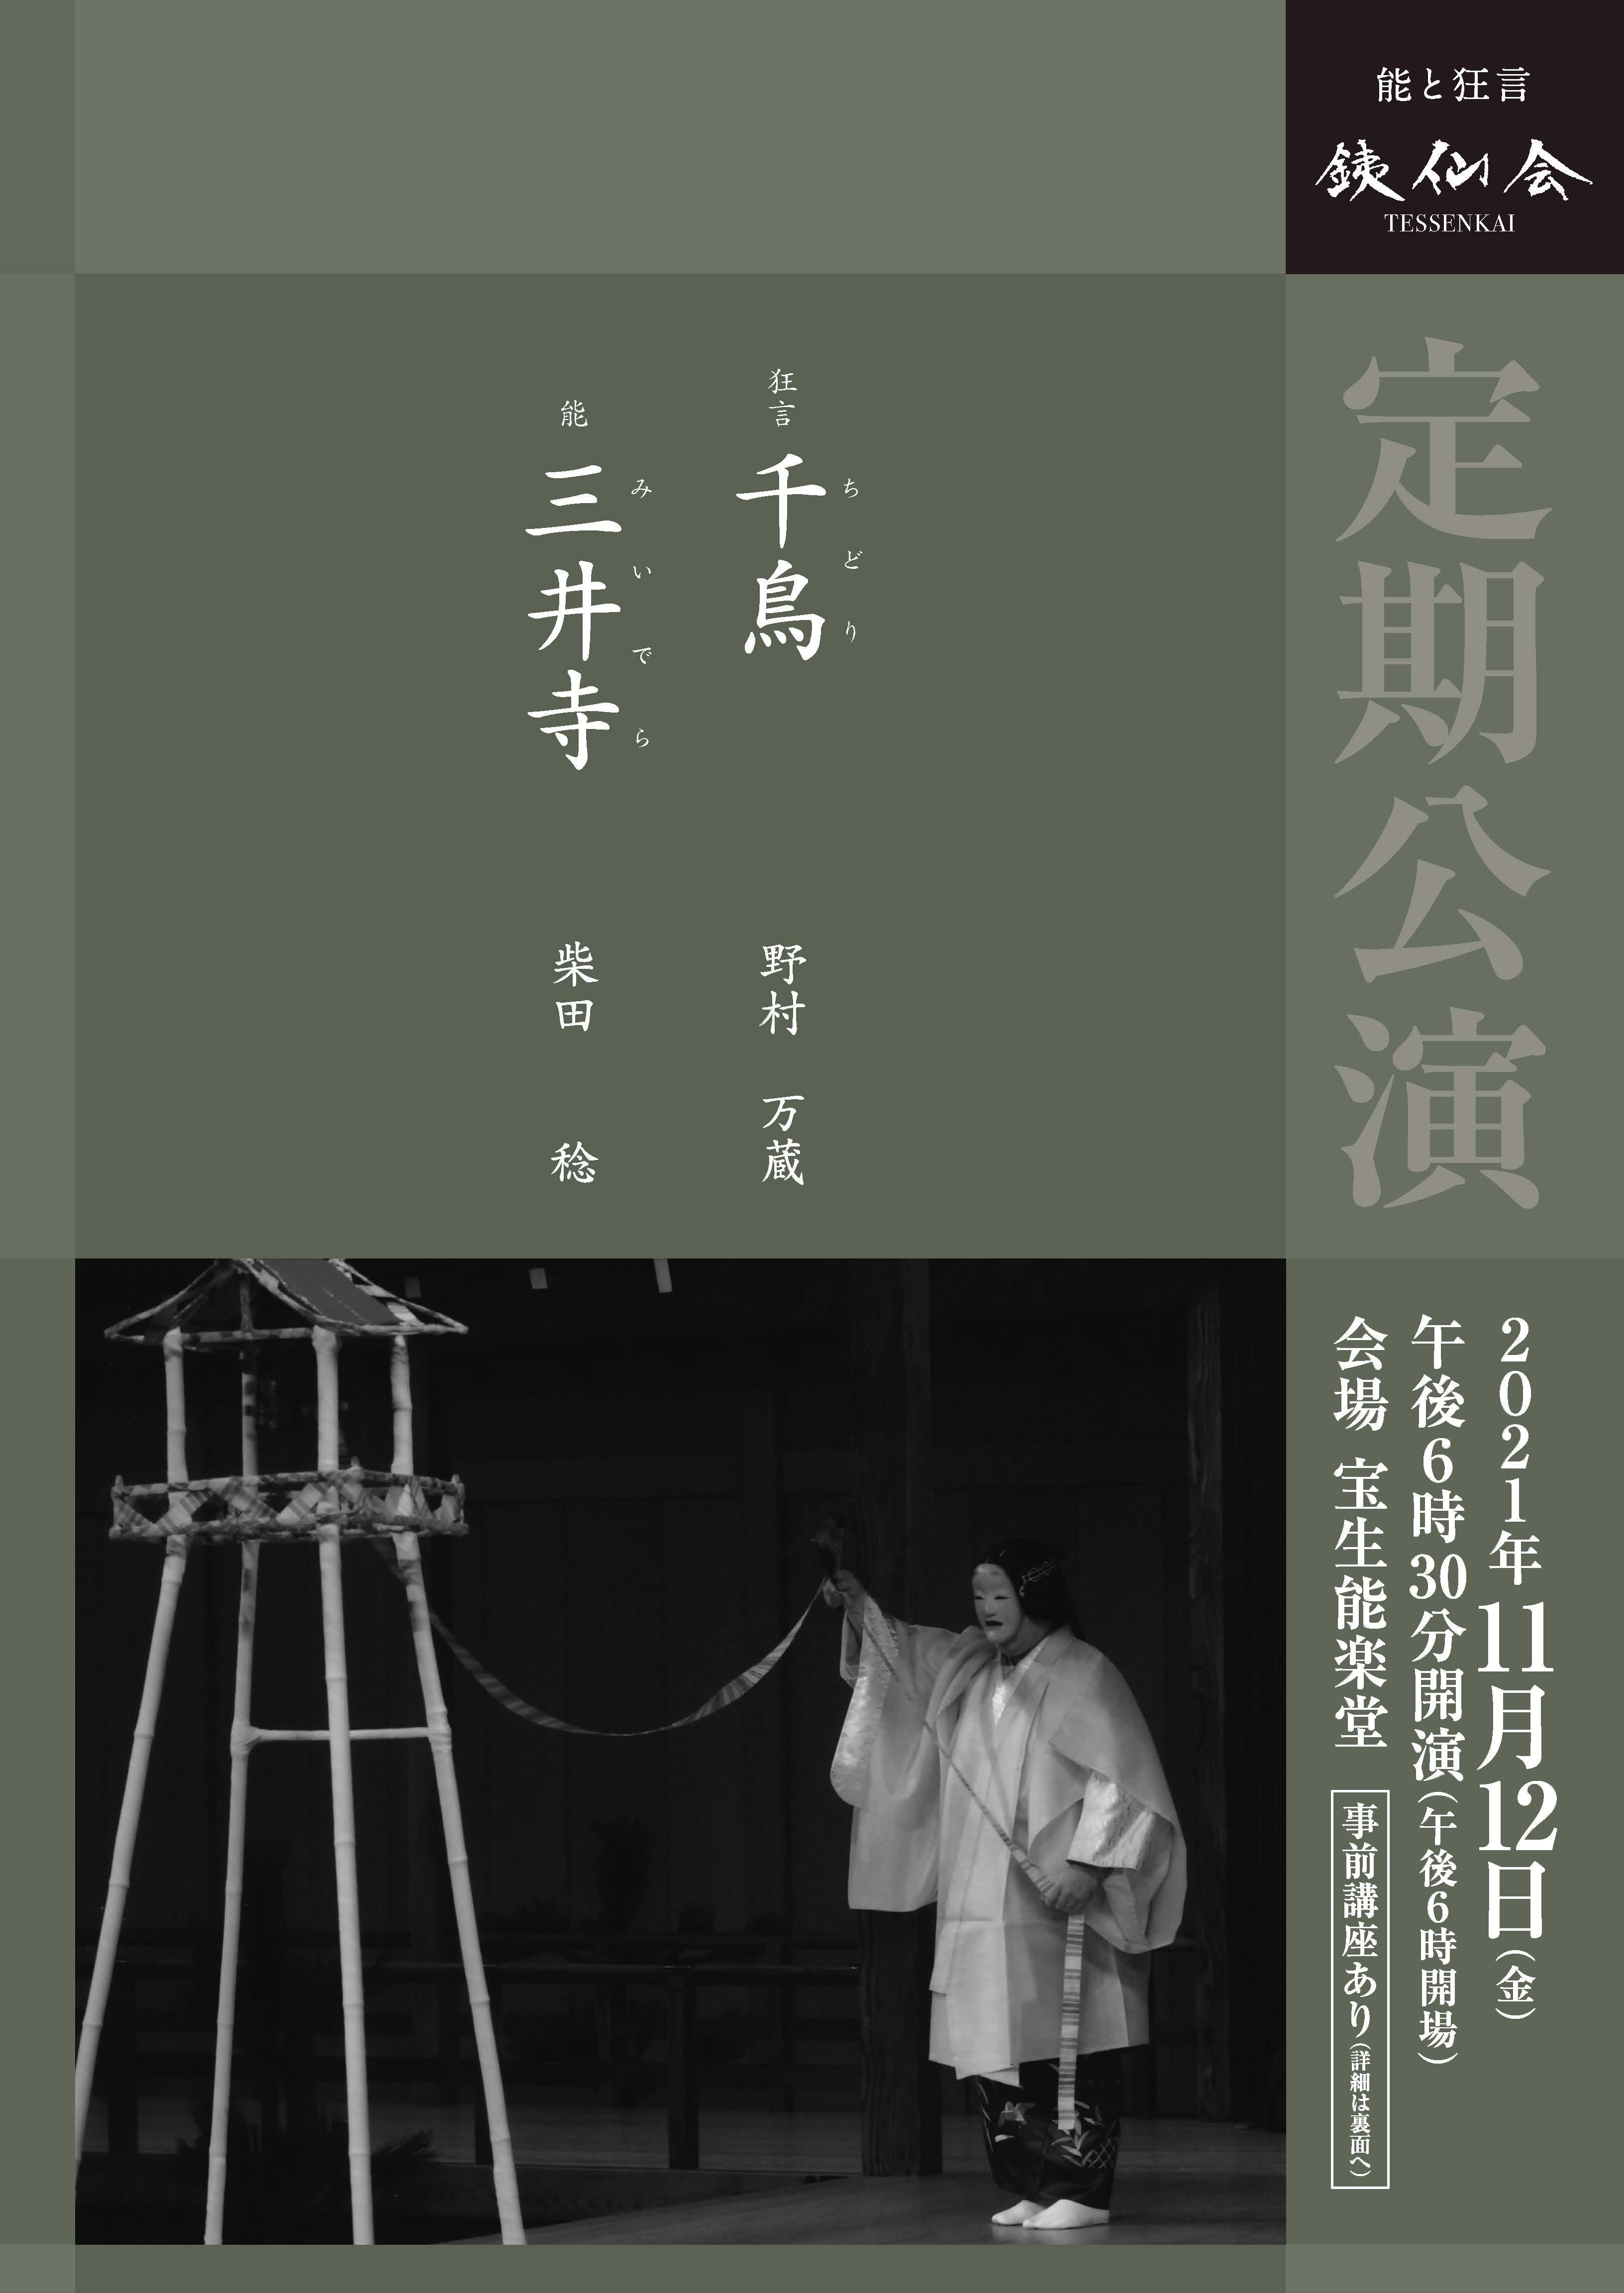 銕仙会定期公演〈11月〉